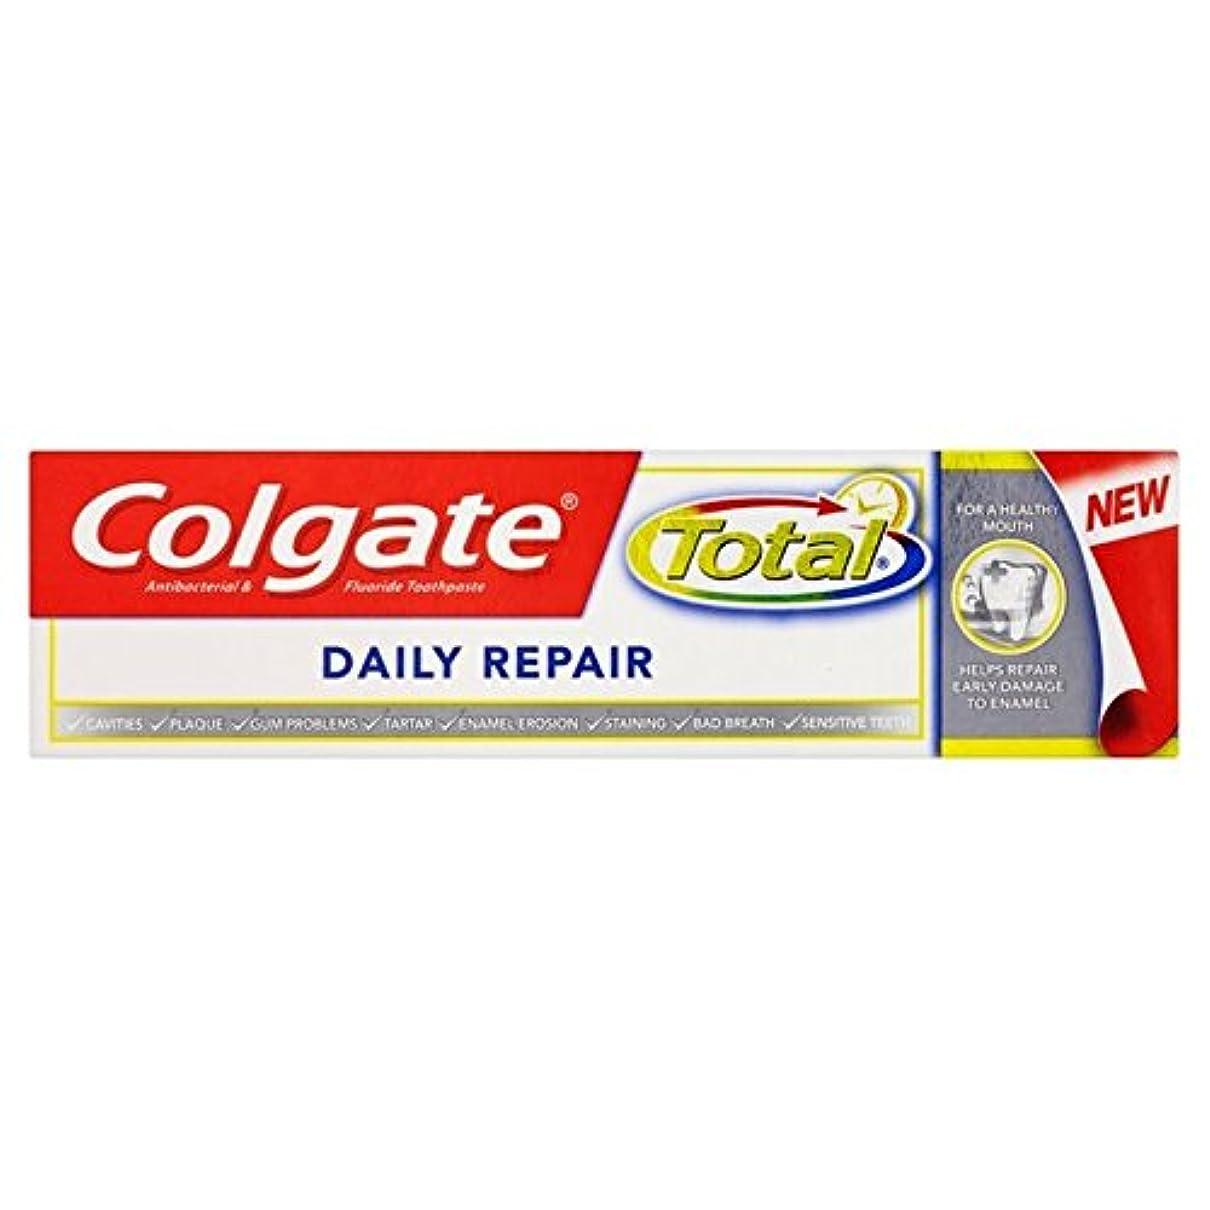 Colgate Total Daily Repair Toothpaste 75ml - コルゲートトータル毎日修理歯磨き粉75ミリリットル [並行輸入品]